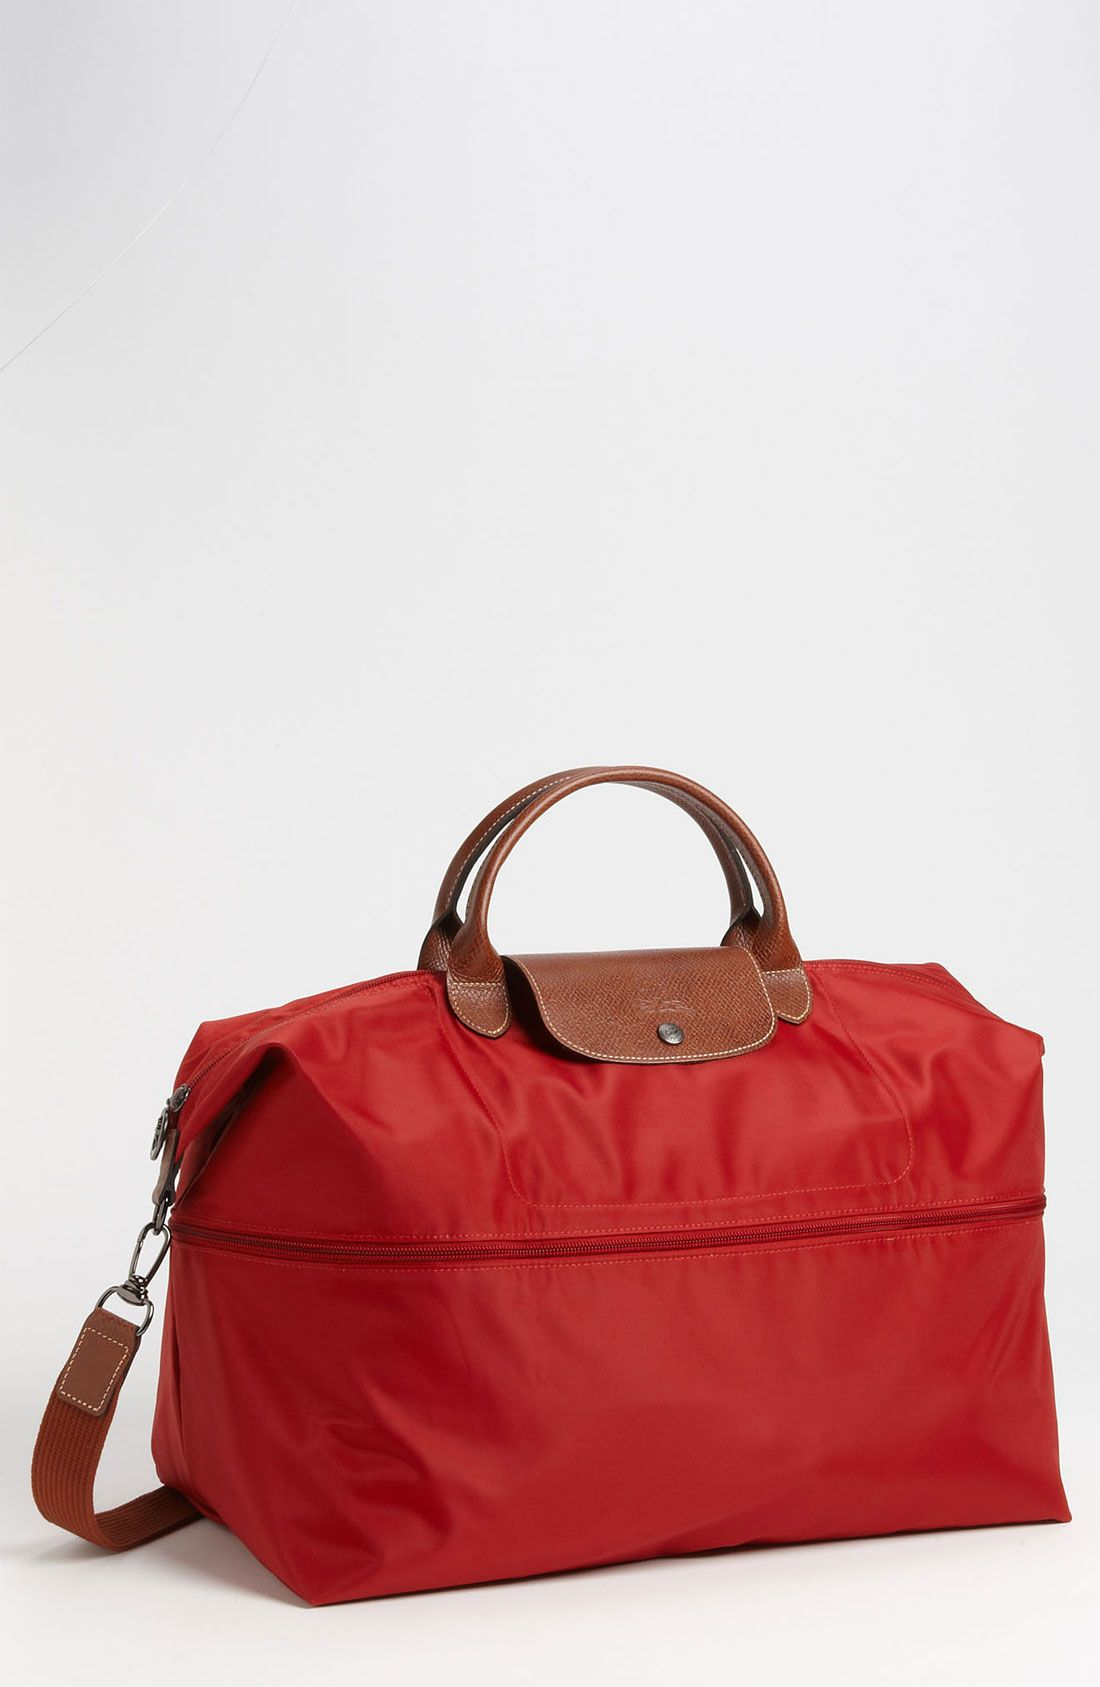 Longchamp Le Pliage 21-Inch Expandable Travel Bag | Nordstrom